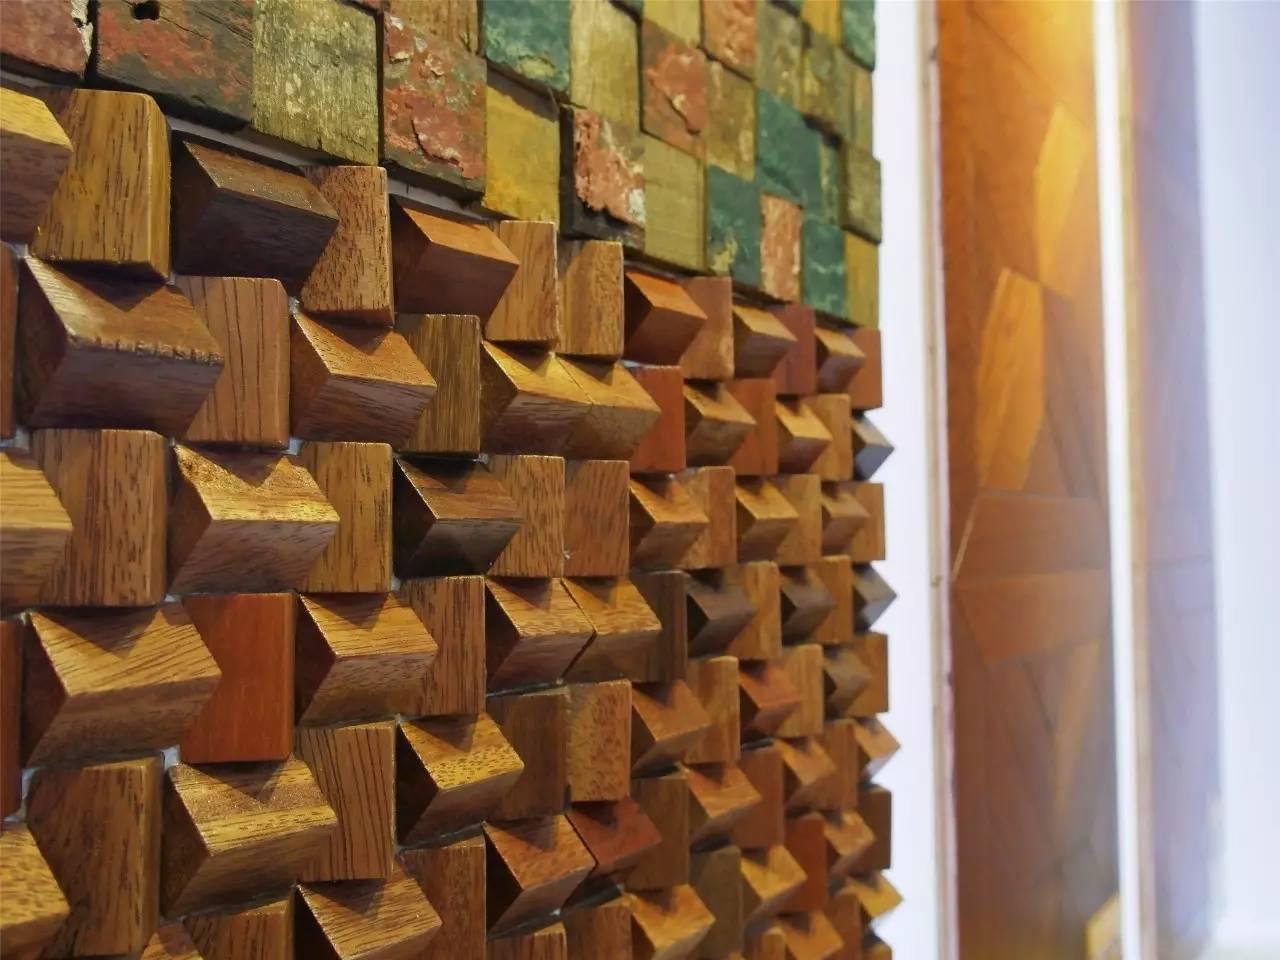 拼花地板是一种以不同色彩和树种的木皮拼接、呈现或具体或抽象的图